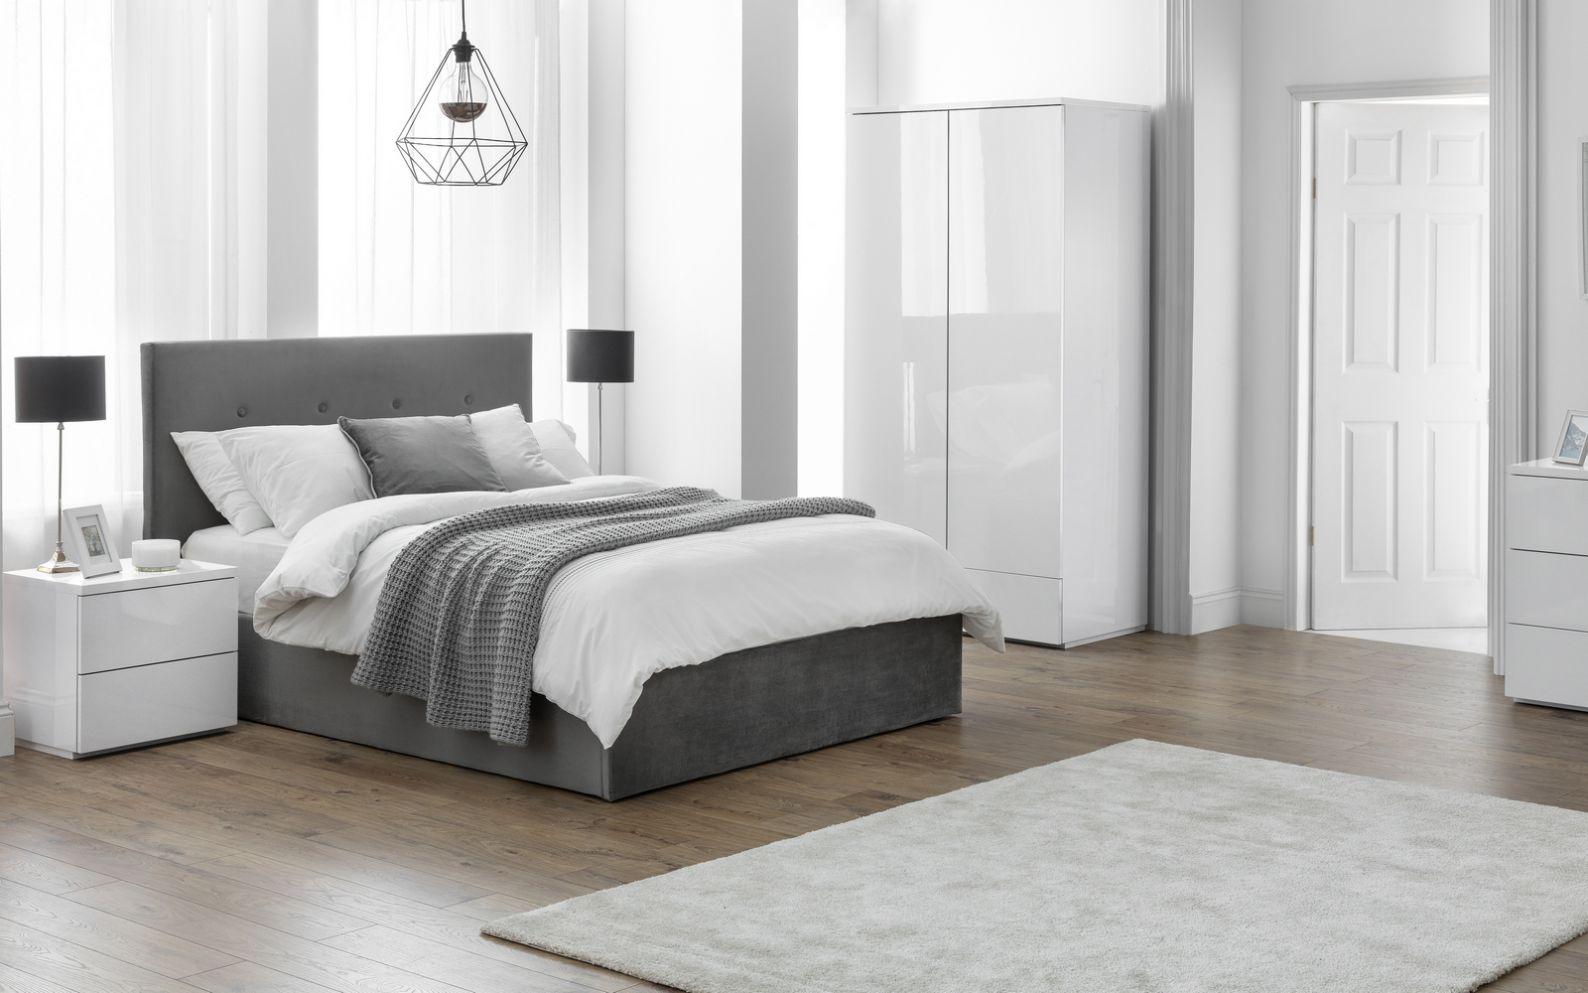 Monaco White Bedroom Julian Bowen Limited